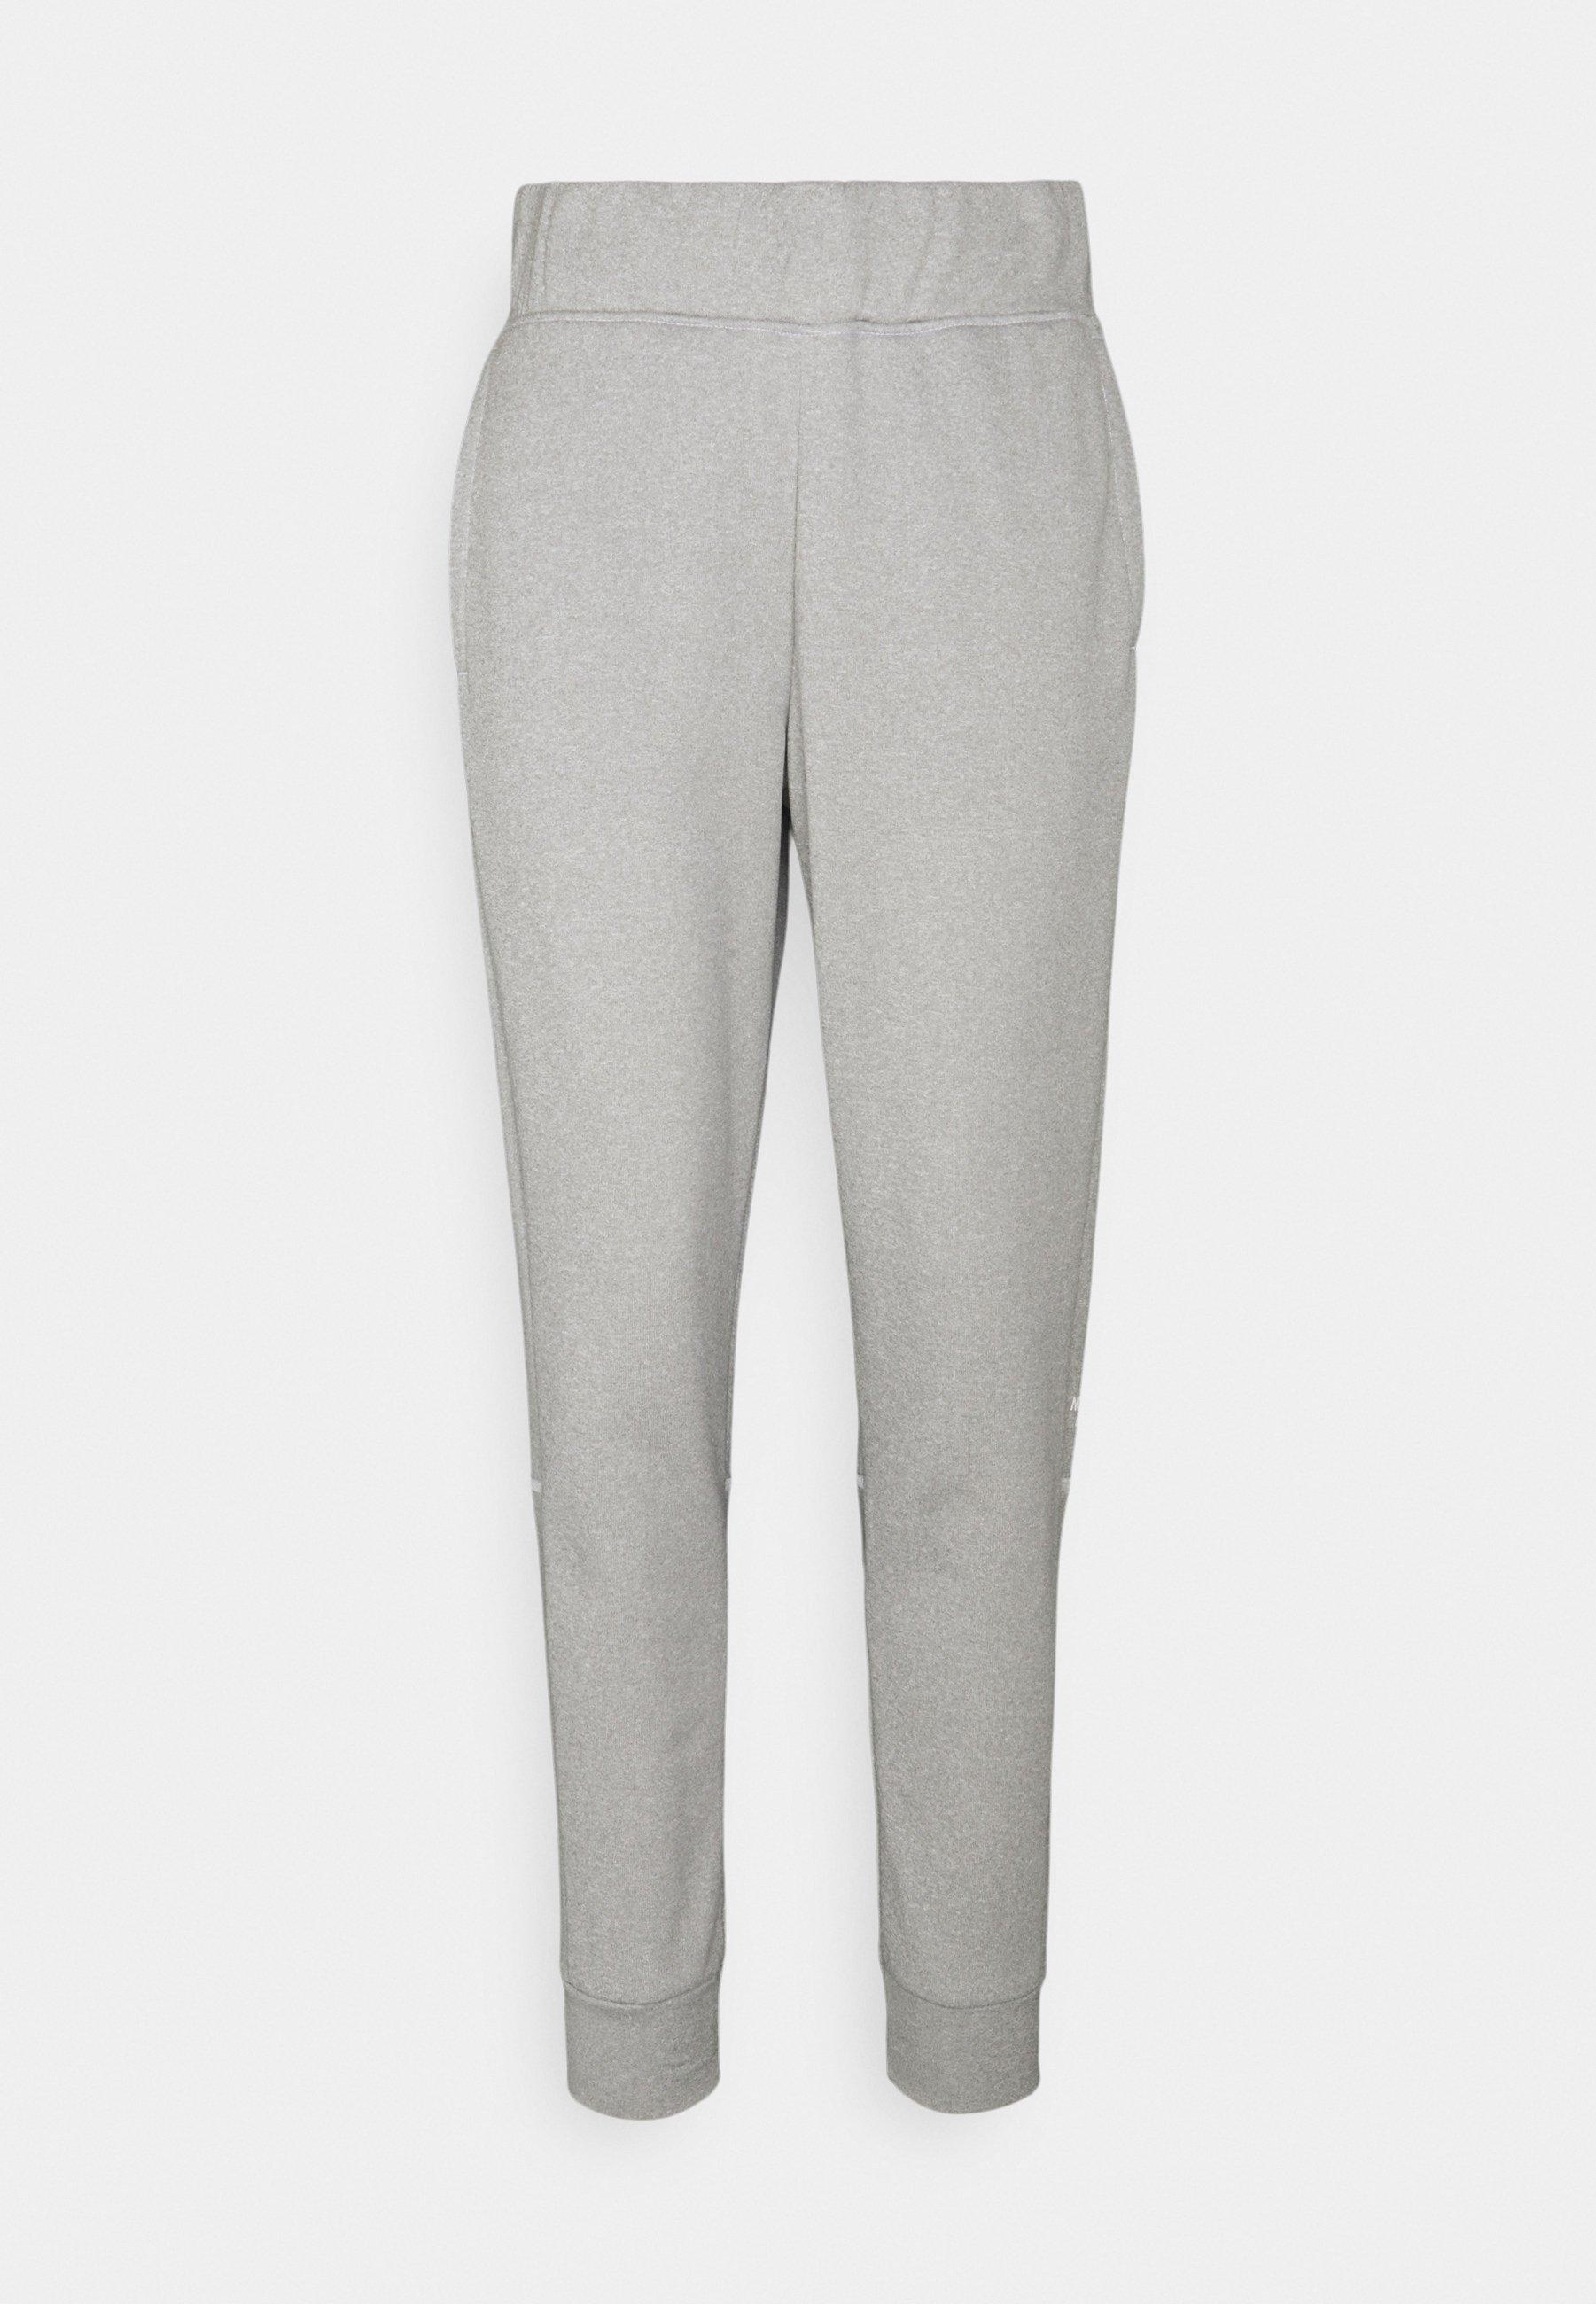 Femme EXPLORATION  - Pantalon de survêtement - light grey heather/white